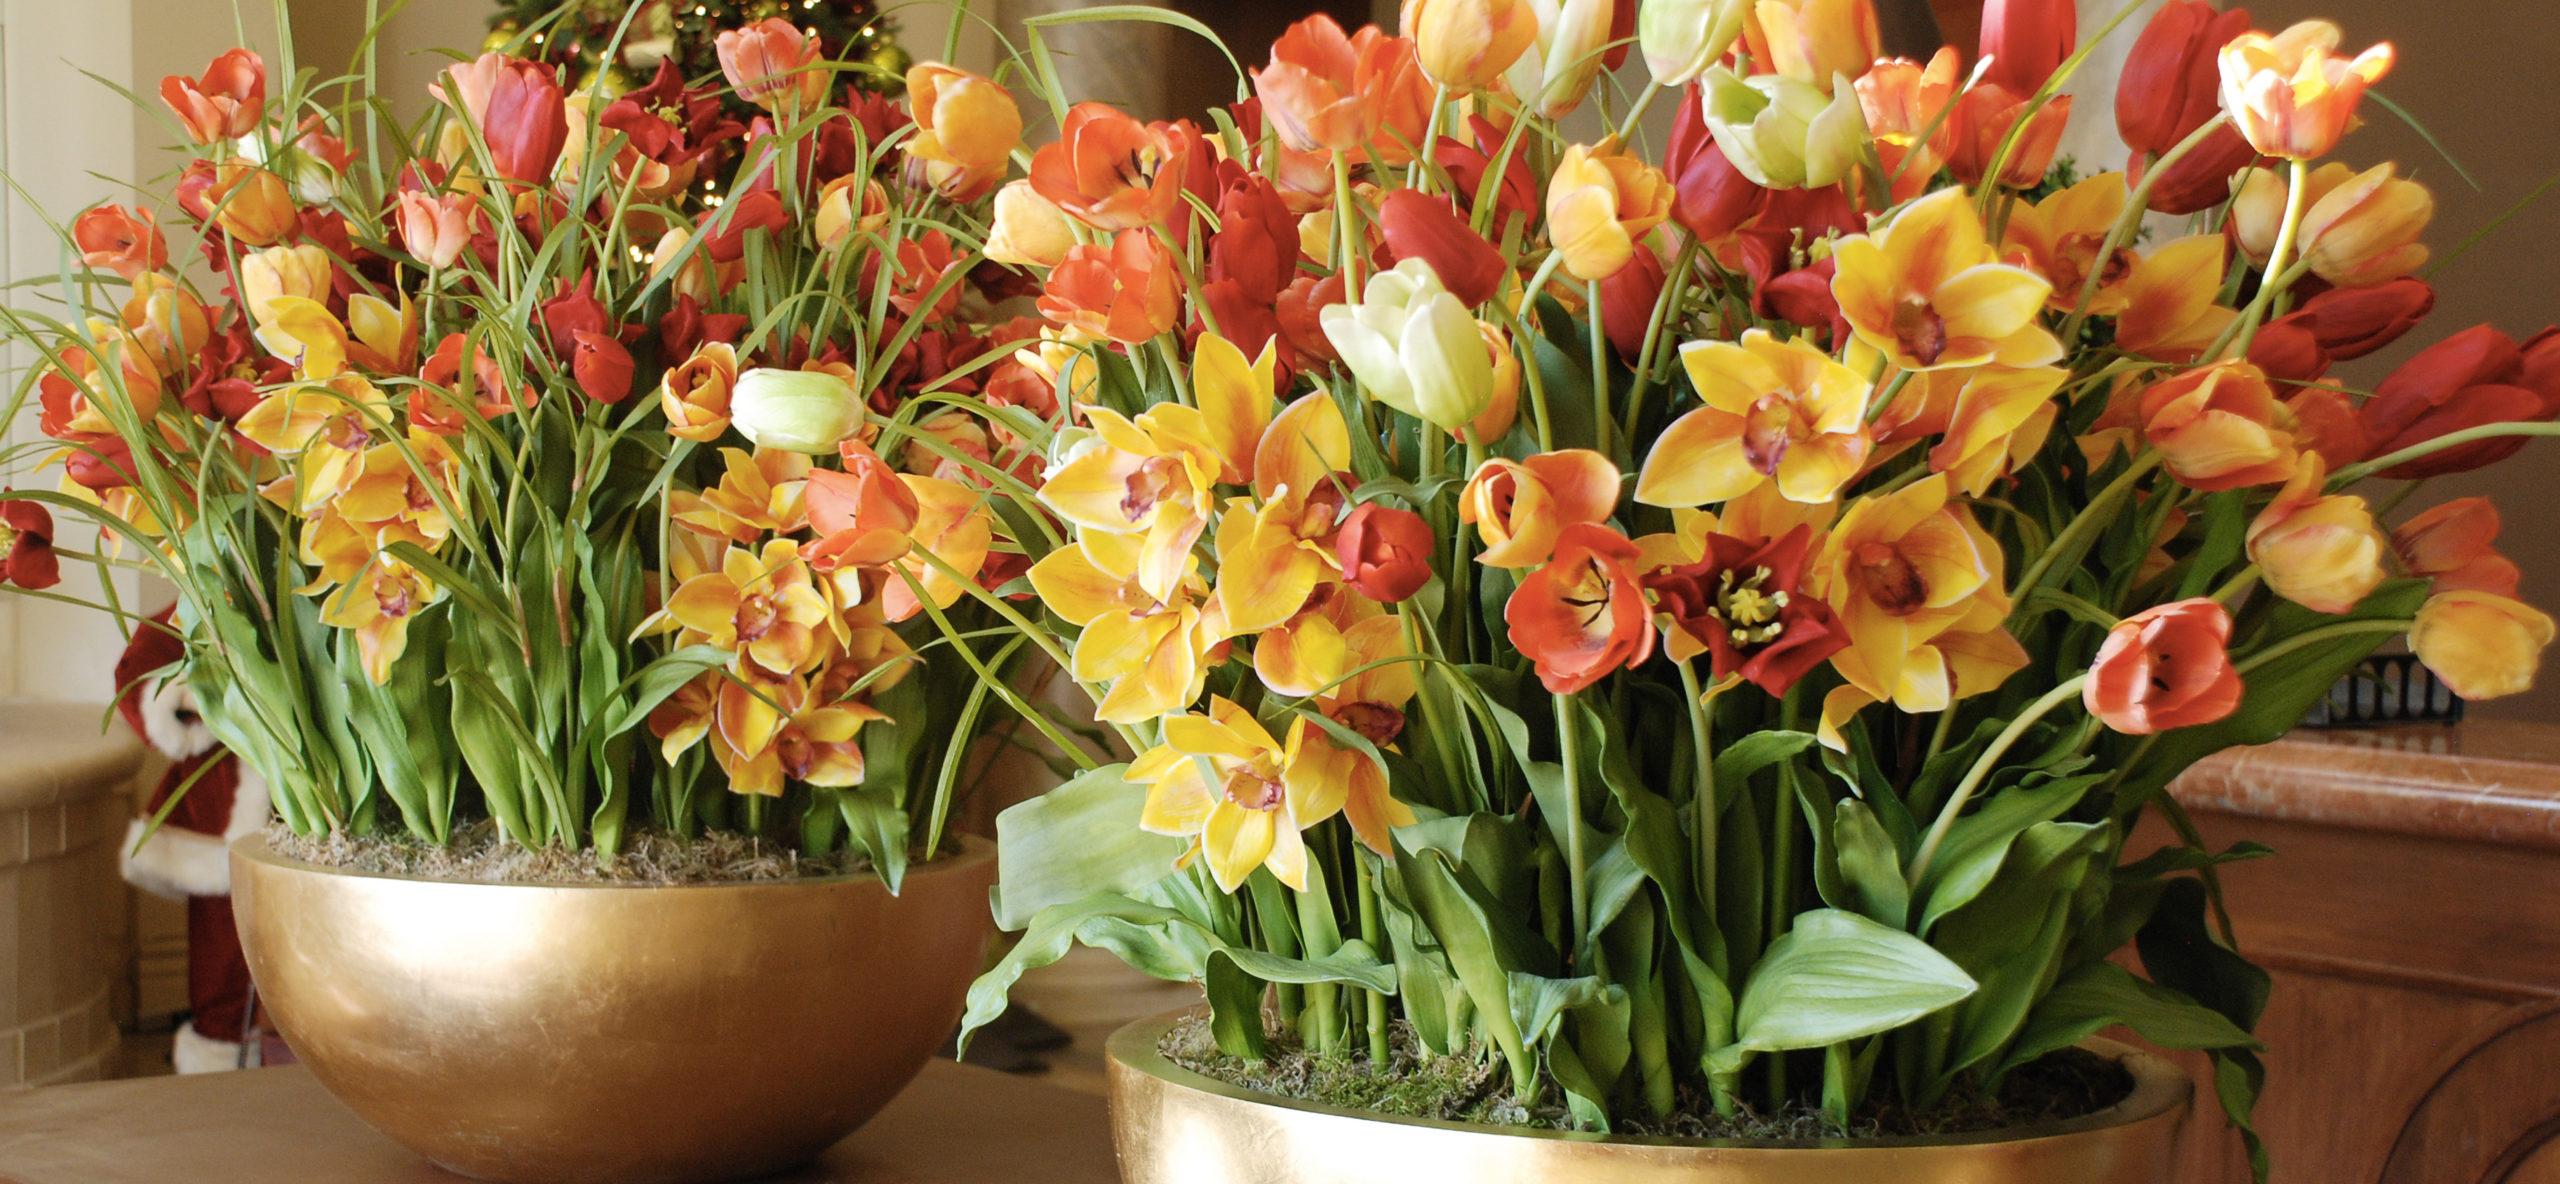 Umelé kvety: Nulová starosť a pritom rozžiaria